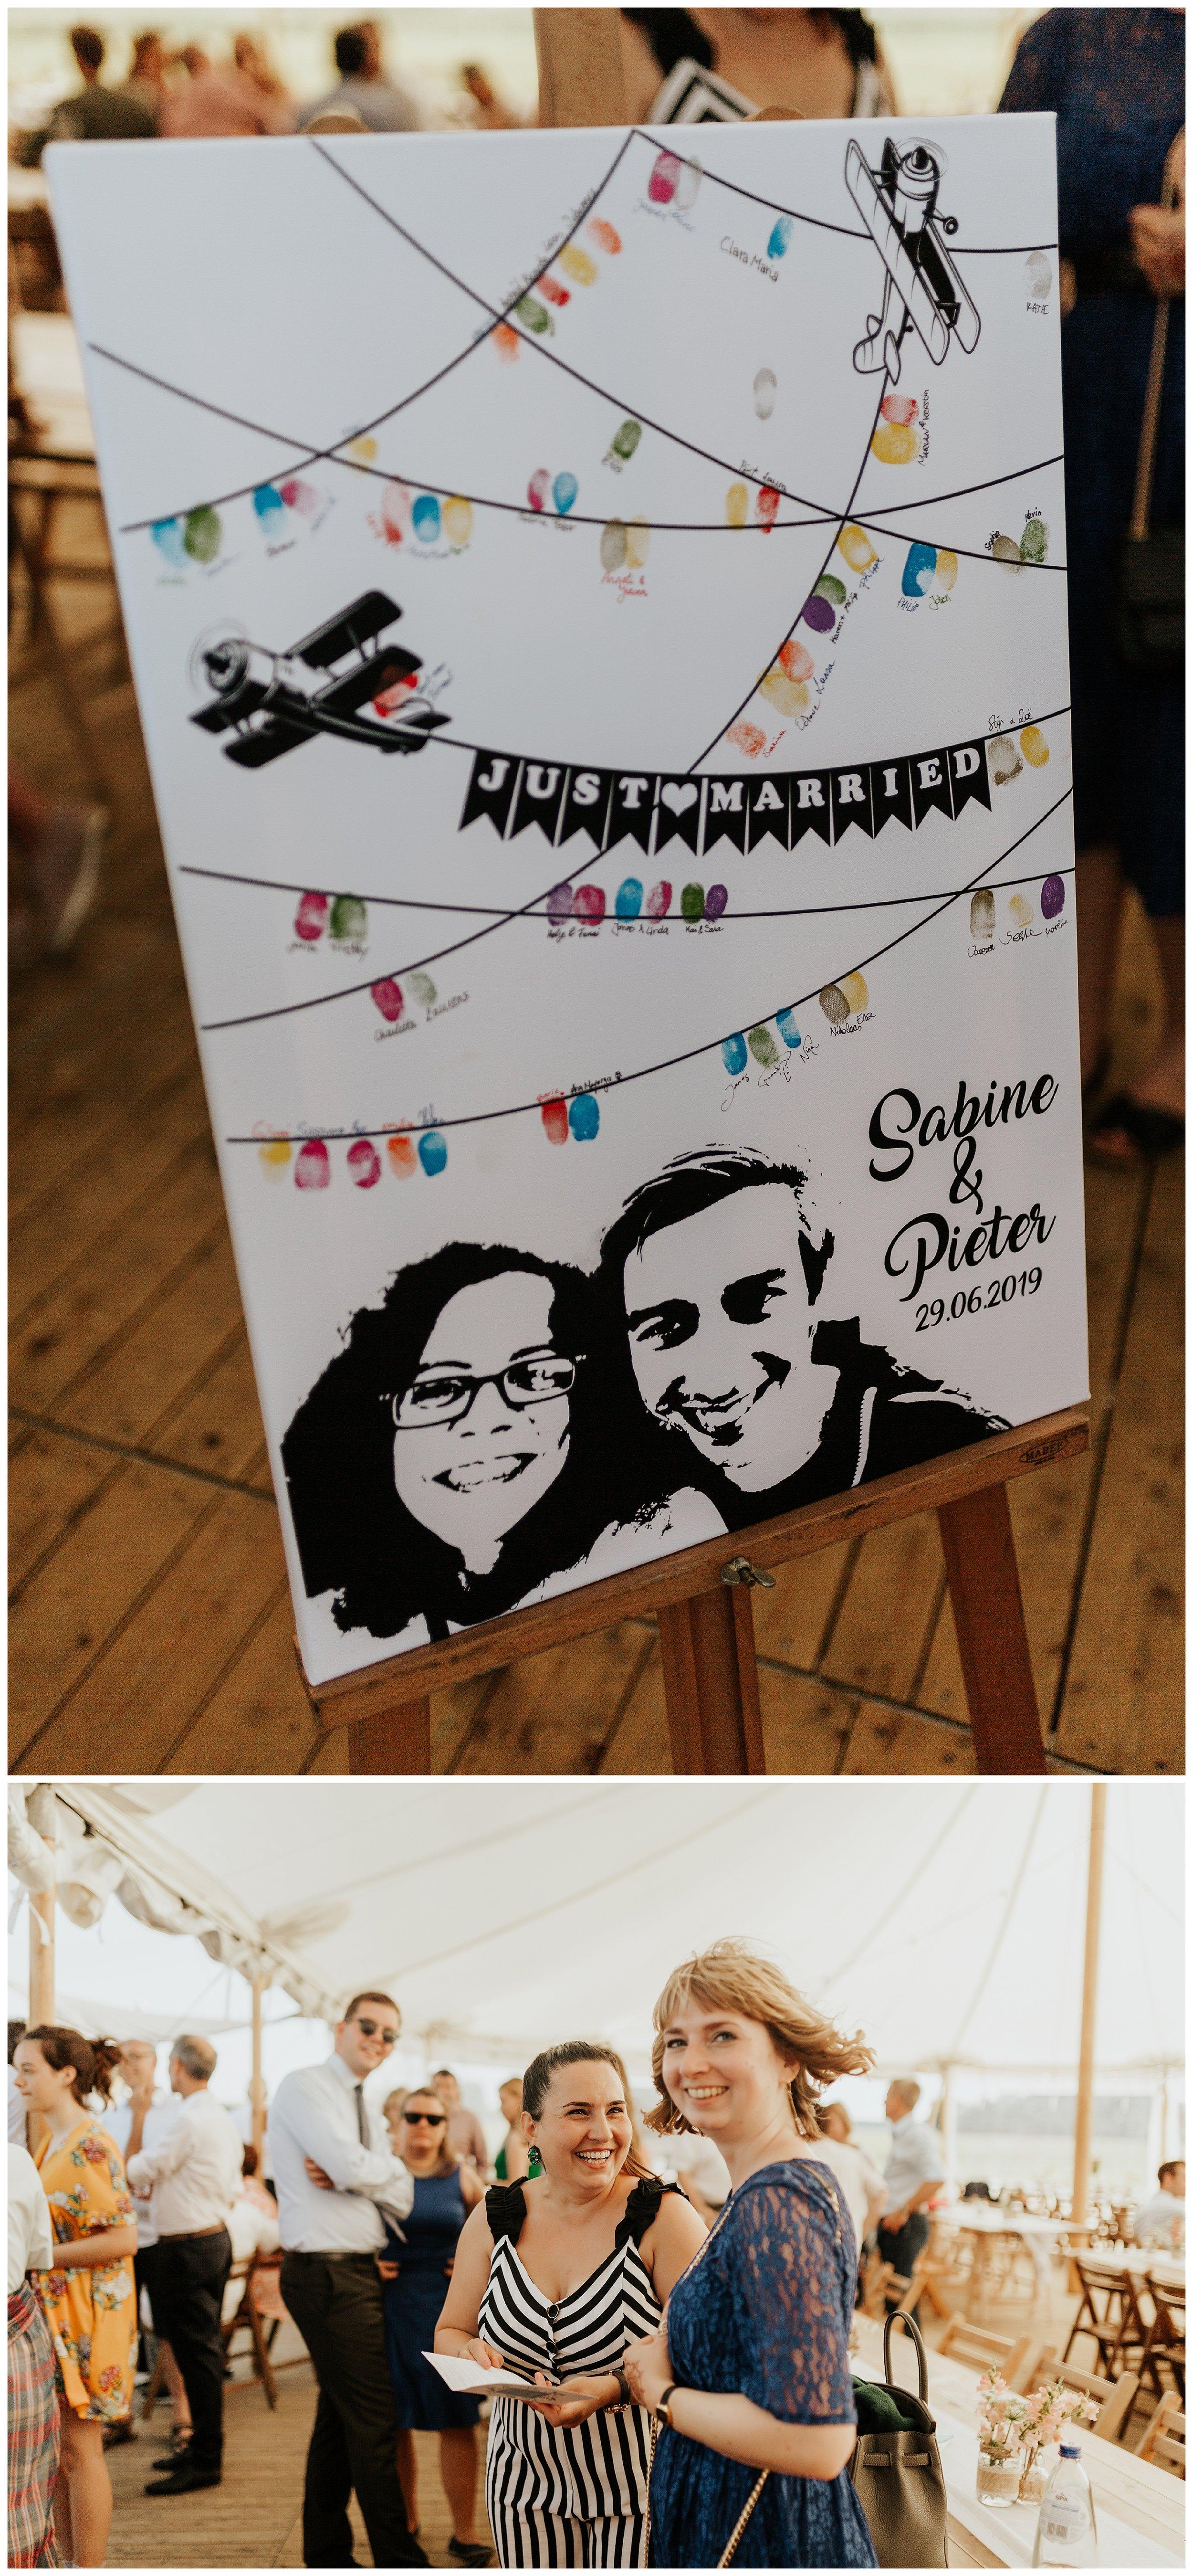 huwelijksfotograaf-huwelijksfotografie-knokke-heist-lisa-helsen-photography-trouwfotograaf-trouwfoto-sabine-pieter_0021.jpg